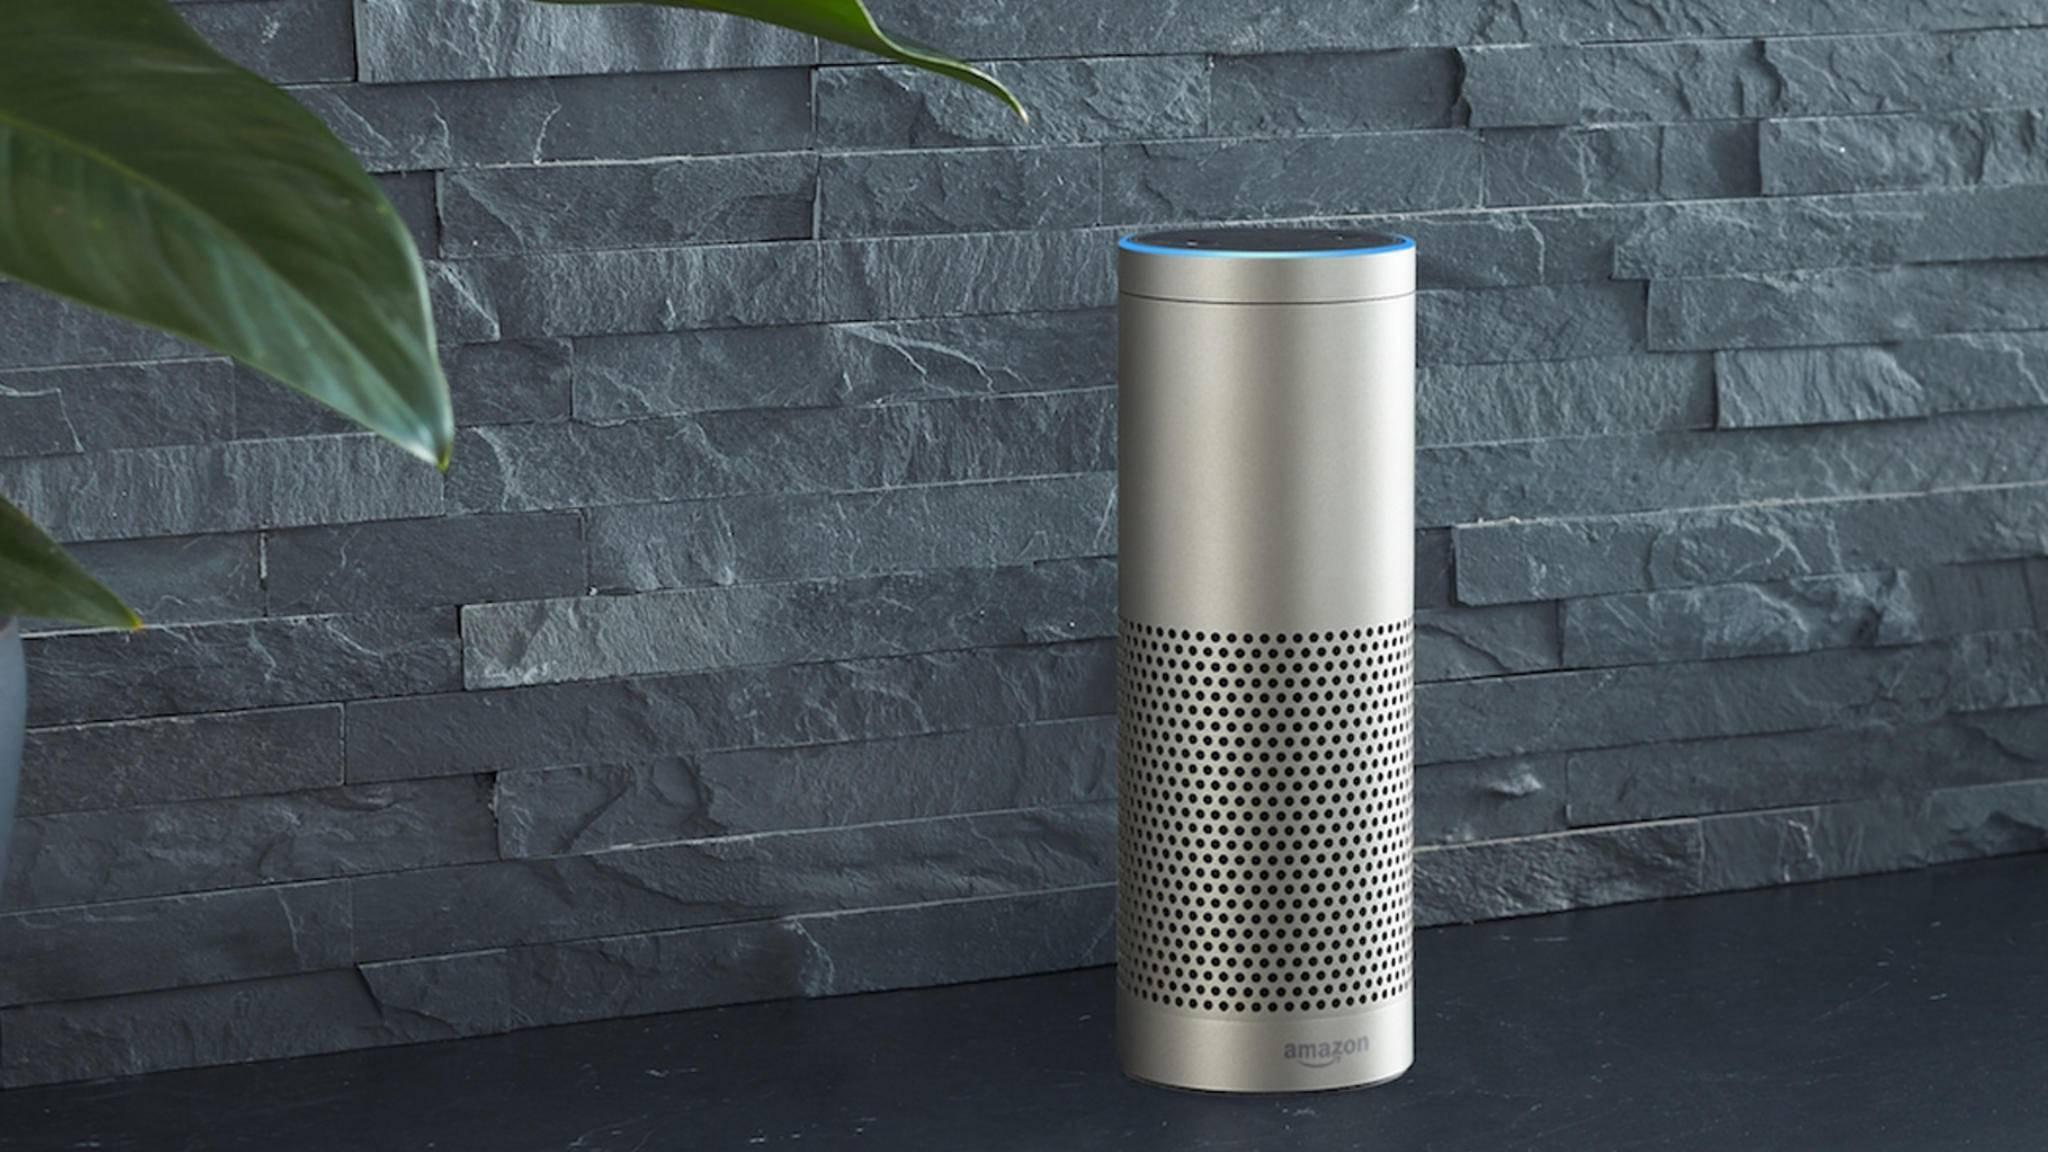 Apple Music lässt sich nun auch mit Alexa auf dem Amazon Echo steuern.